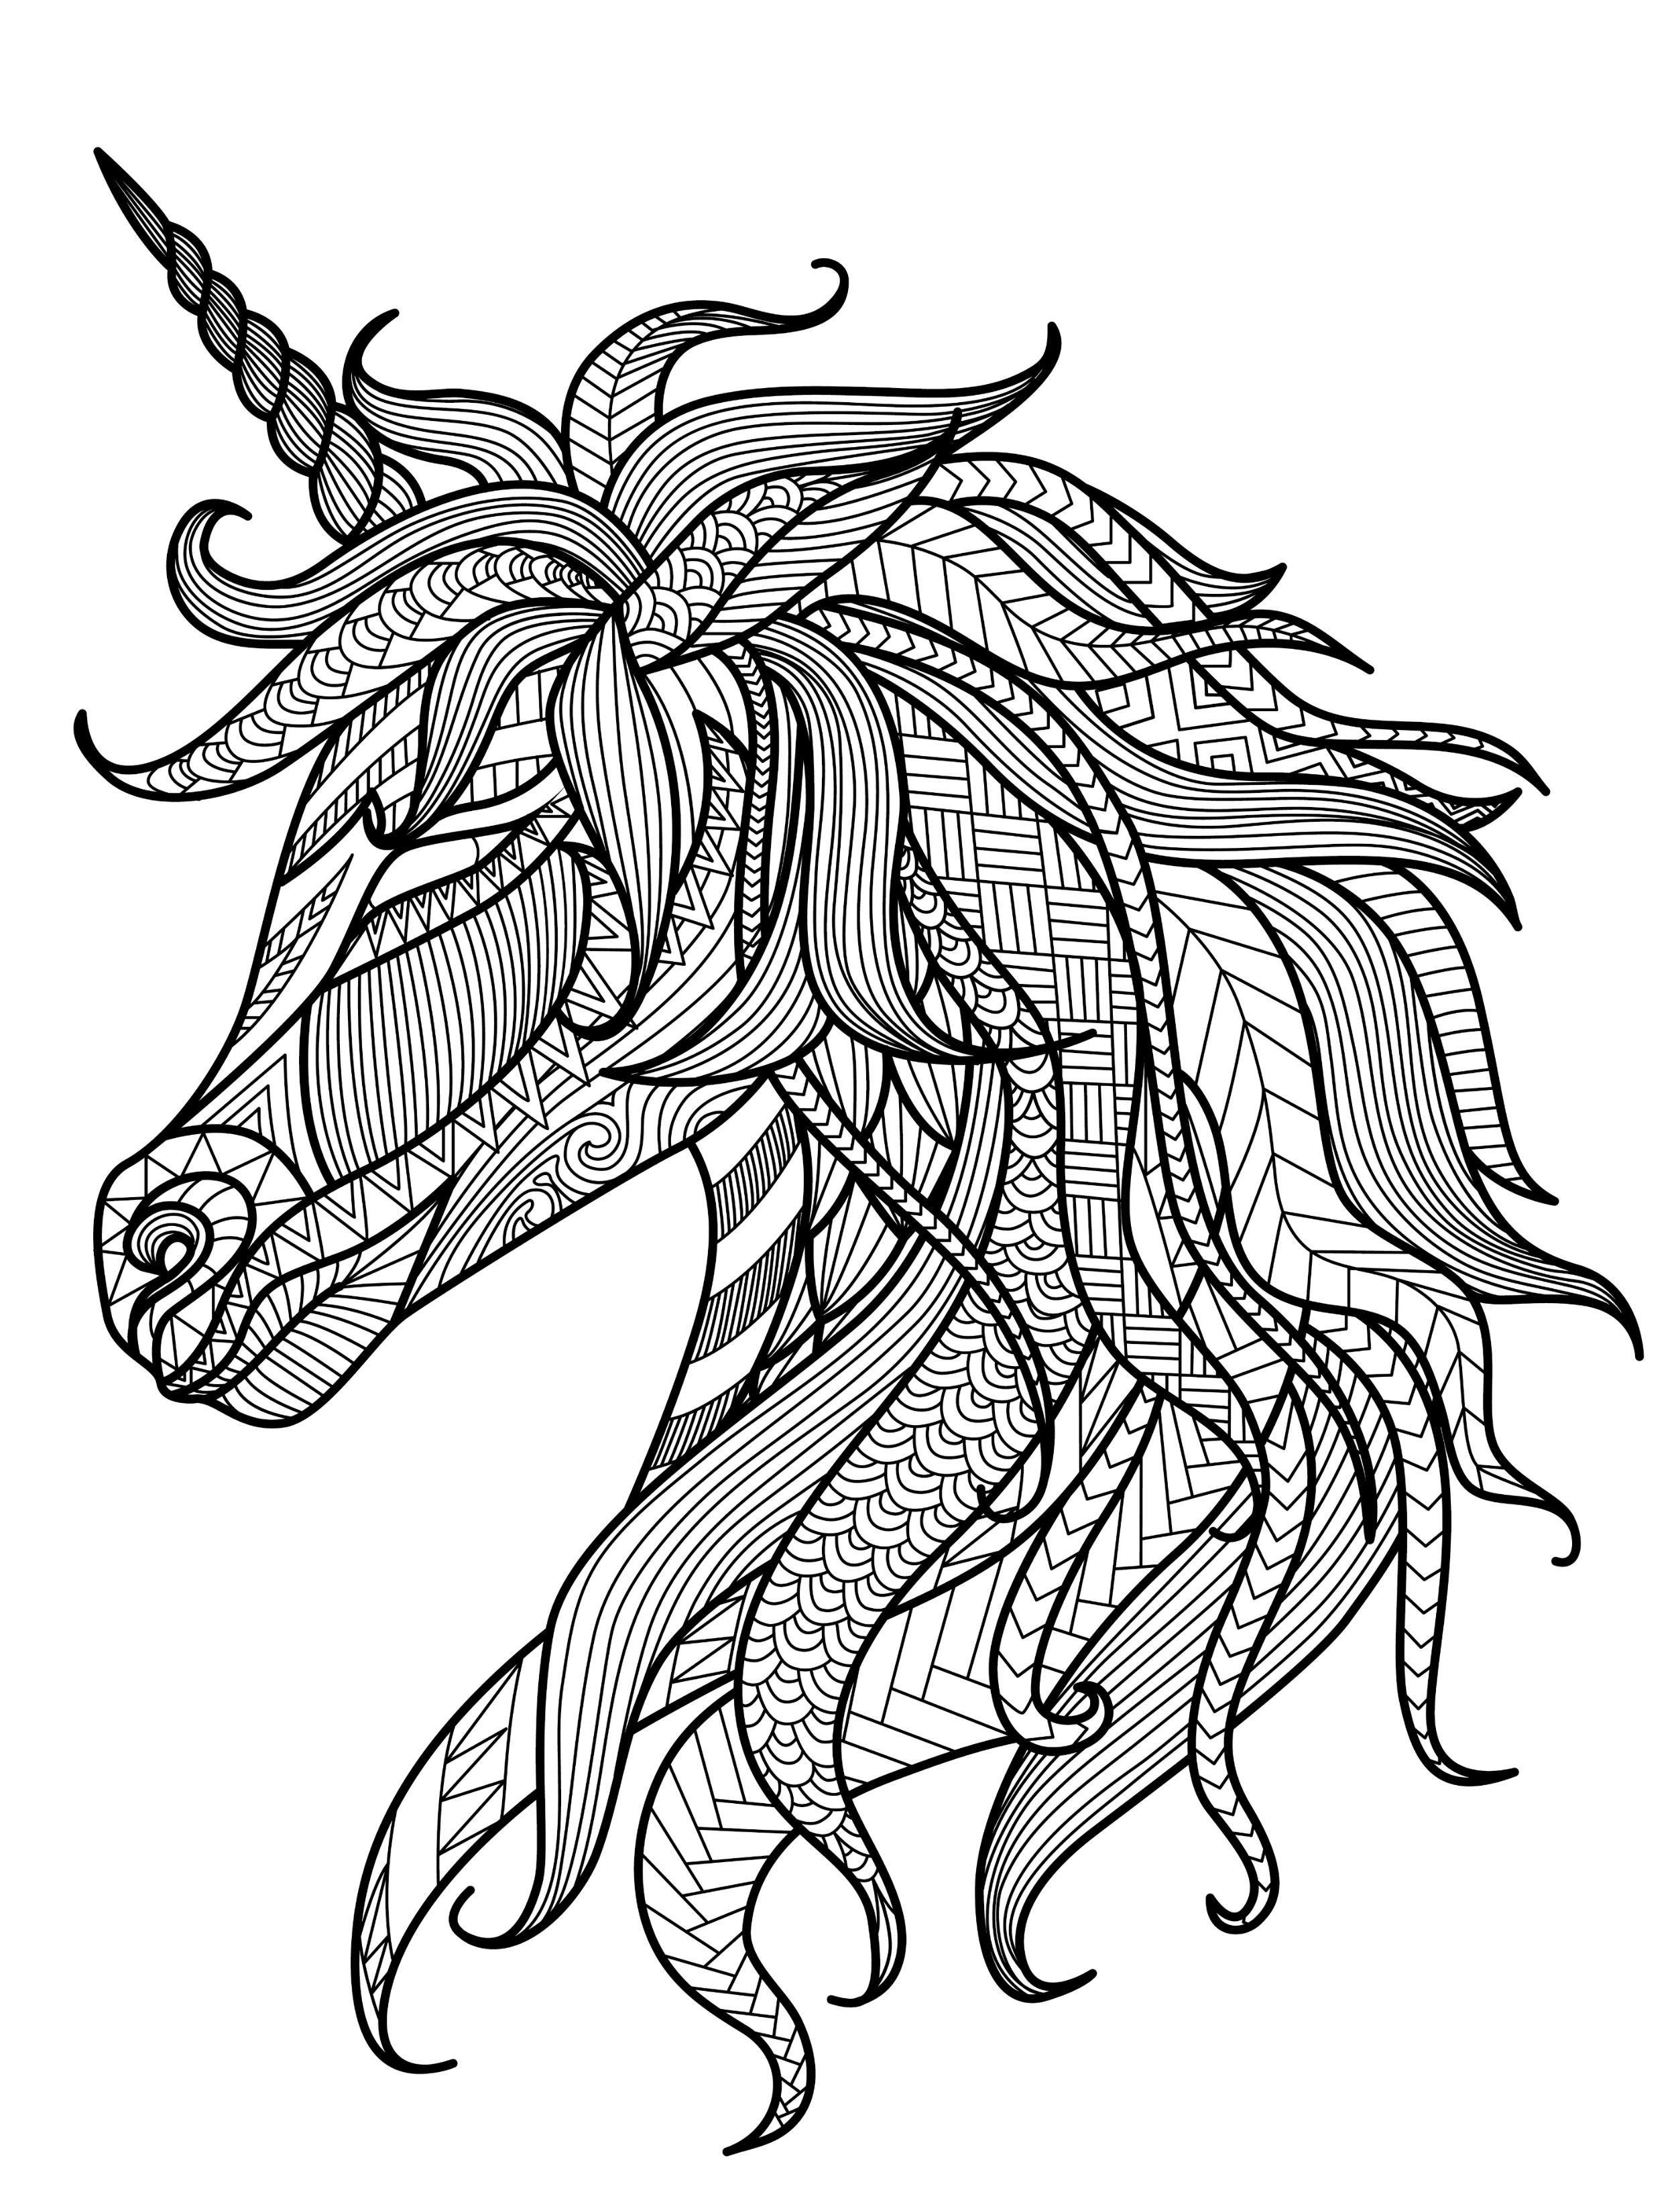 Pin Von 1ausmalbilder Auf Dibujo Malvorlagen Pferde Mandala Malvorlagen Malvorlagen Tiere